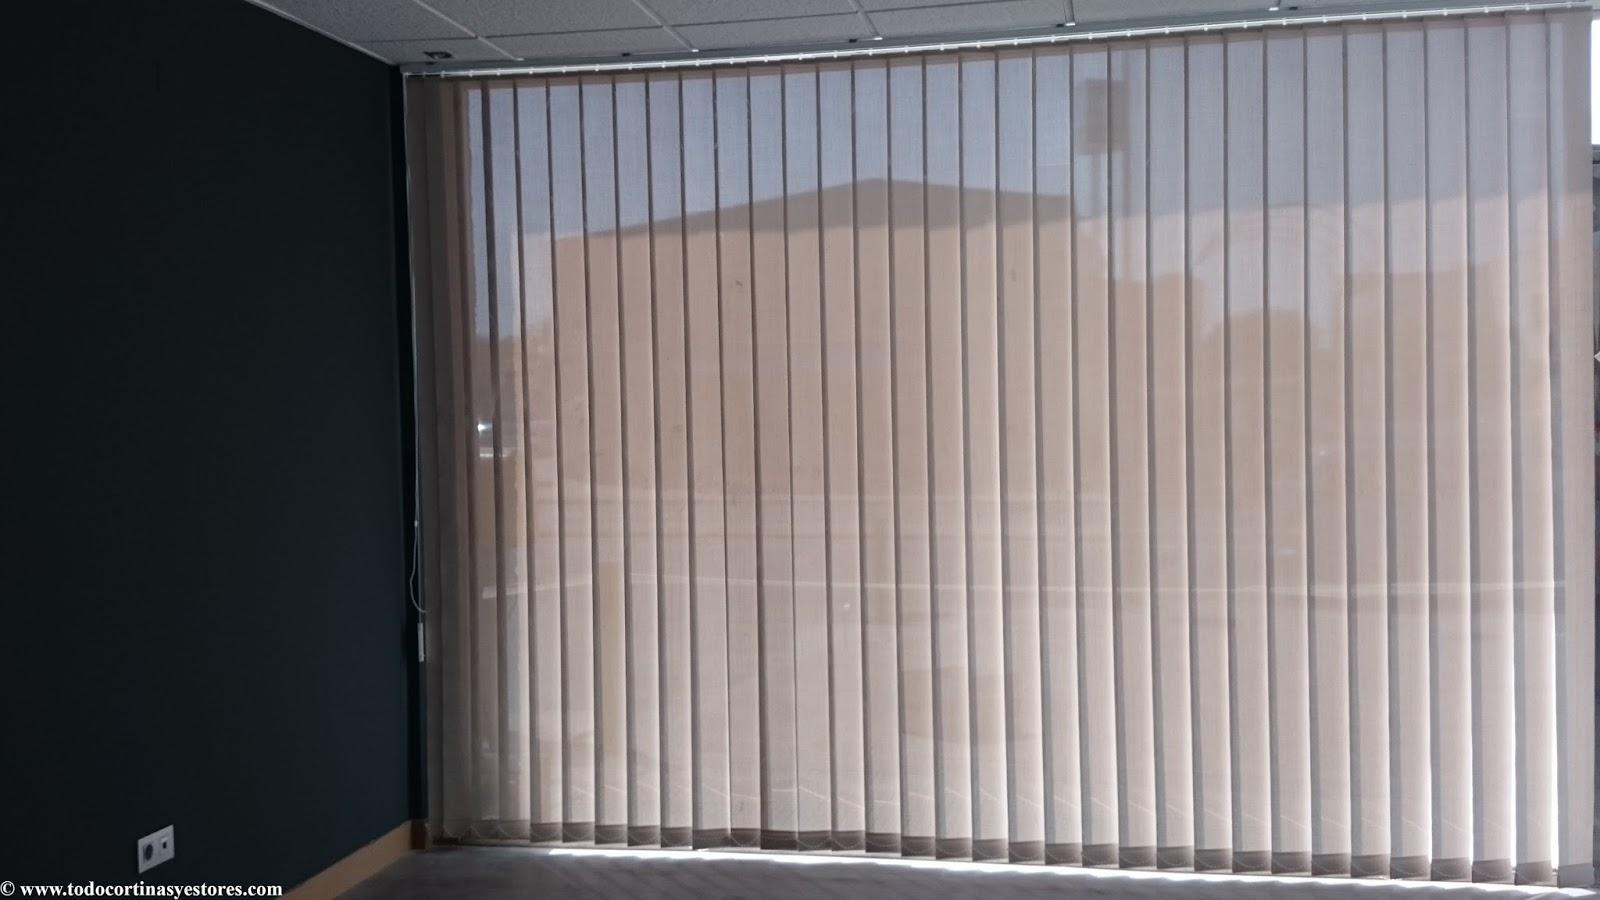 Decoracion interior cortinas verticales estores - Cortinas screen opiniones ...